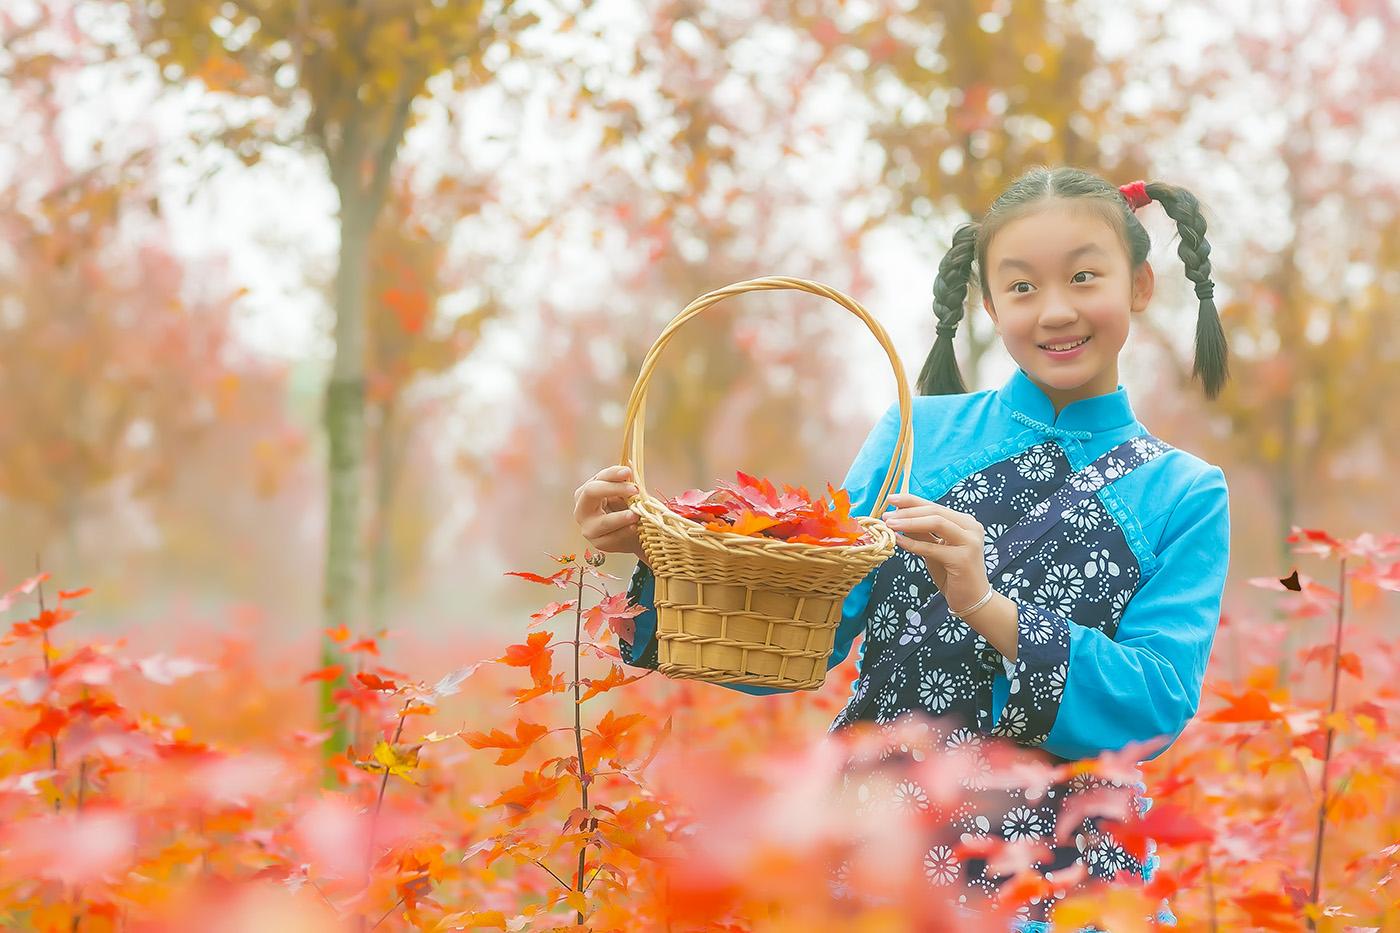 沂蒙山区竟然有这么一片童话般的树林 沂蒙小精灵火红的童年来袭 ..._图1-16